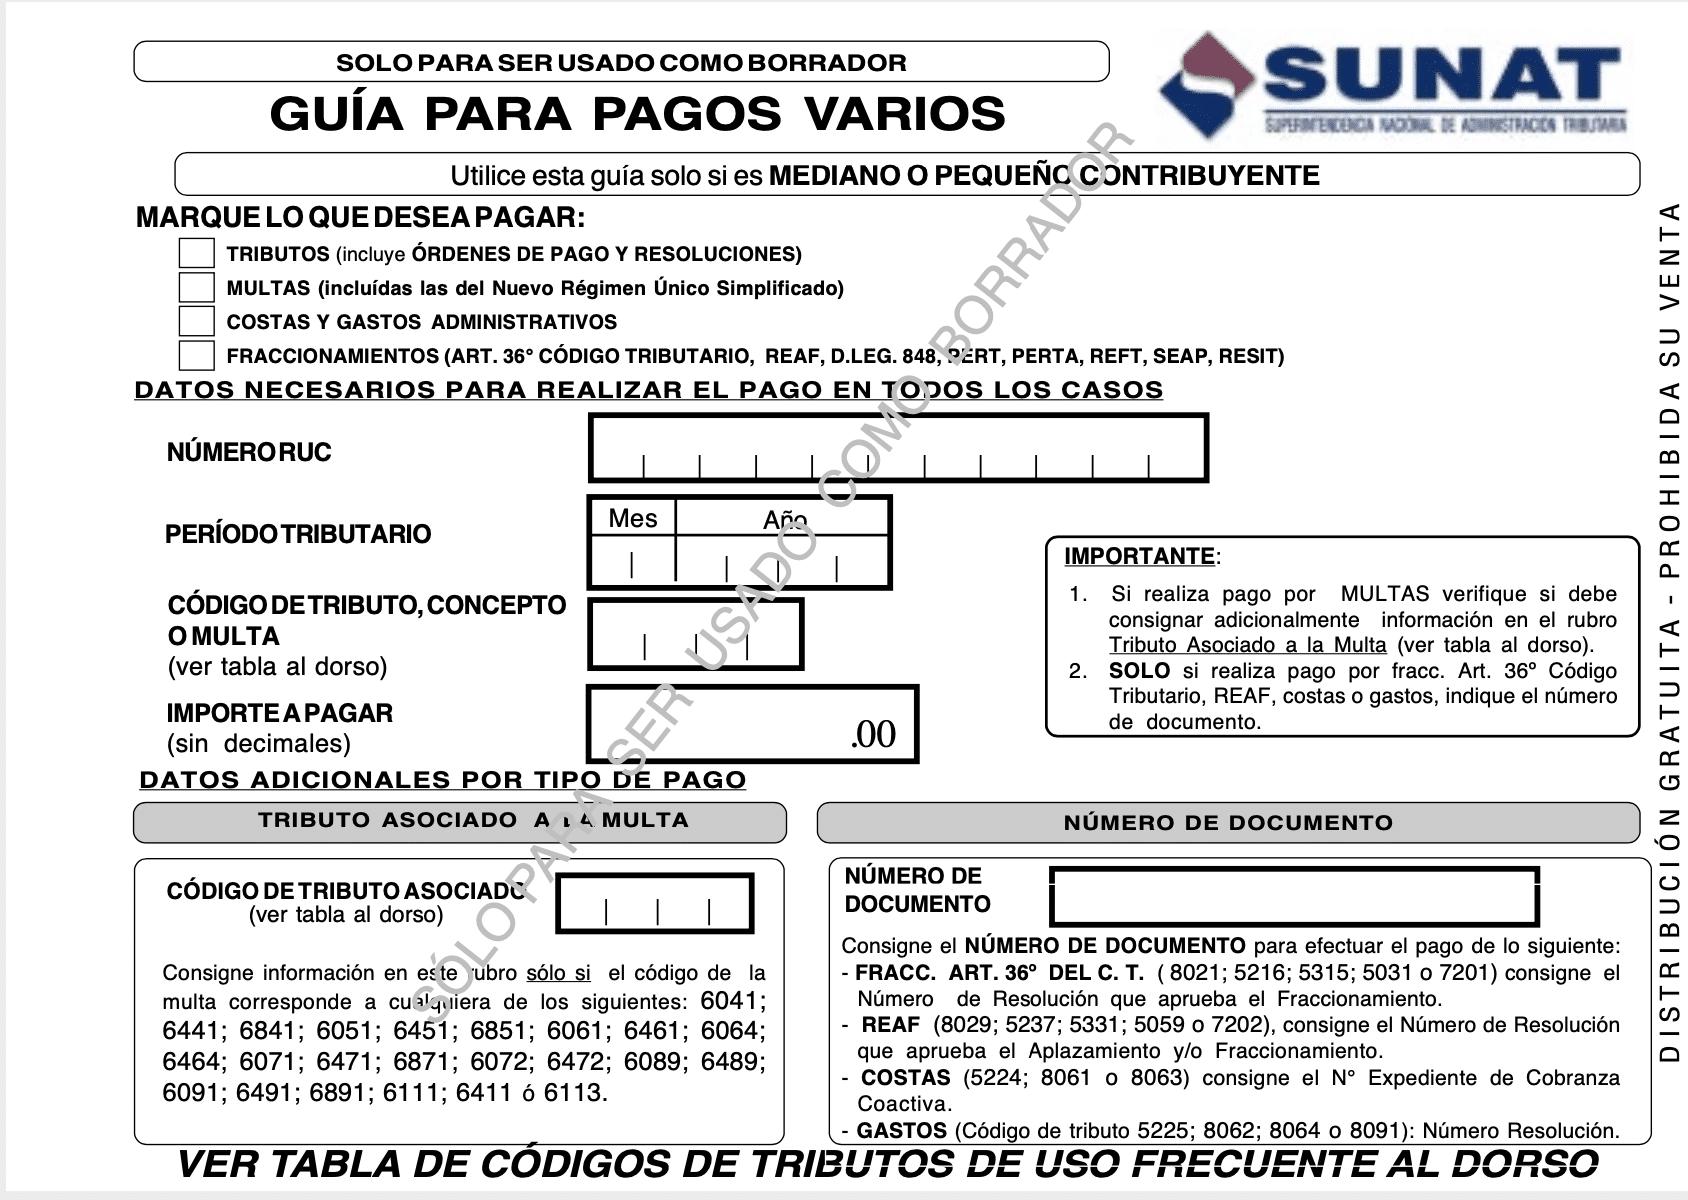 Guia pagos varios en PDF